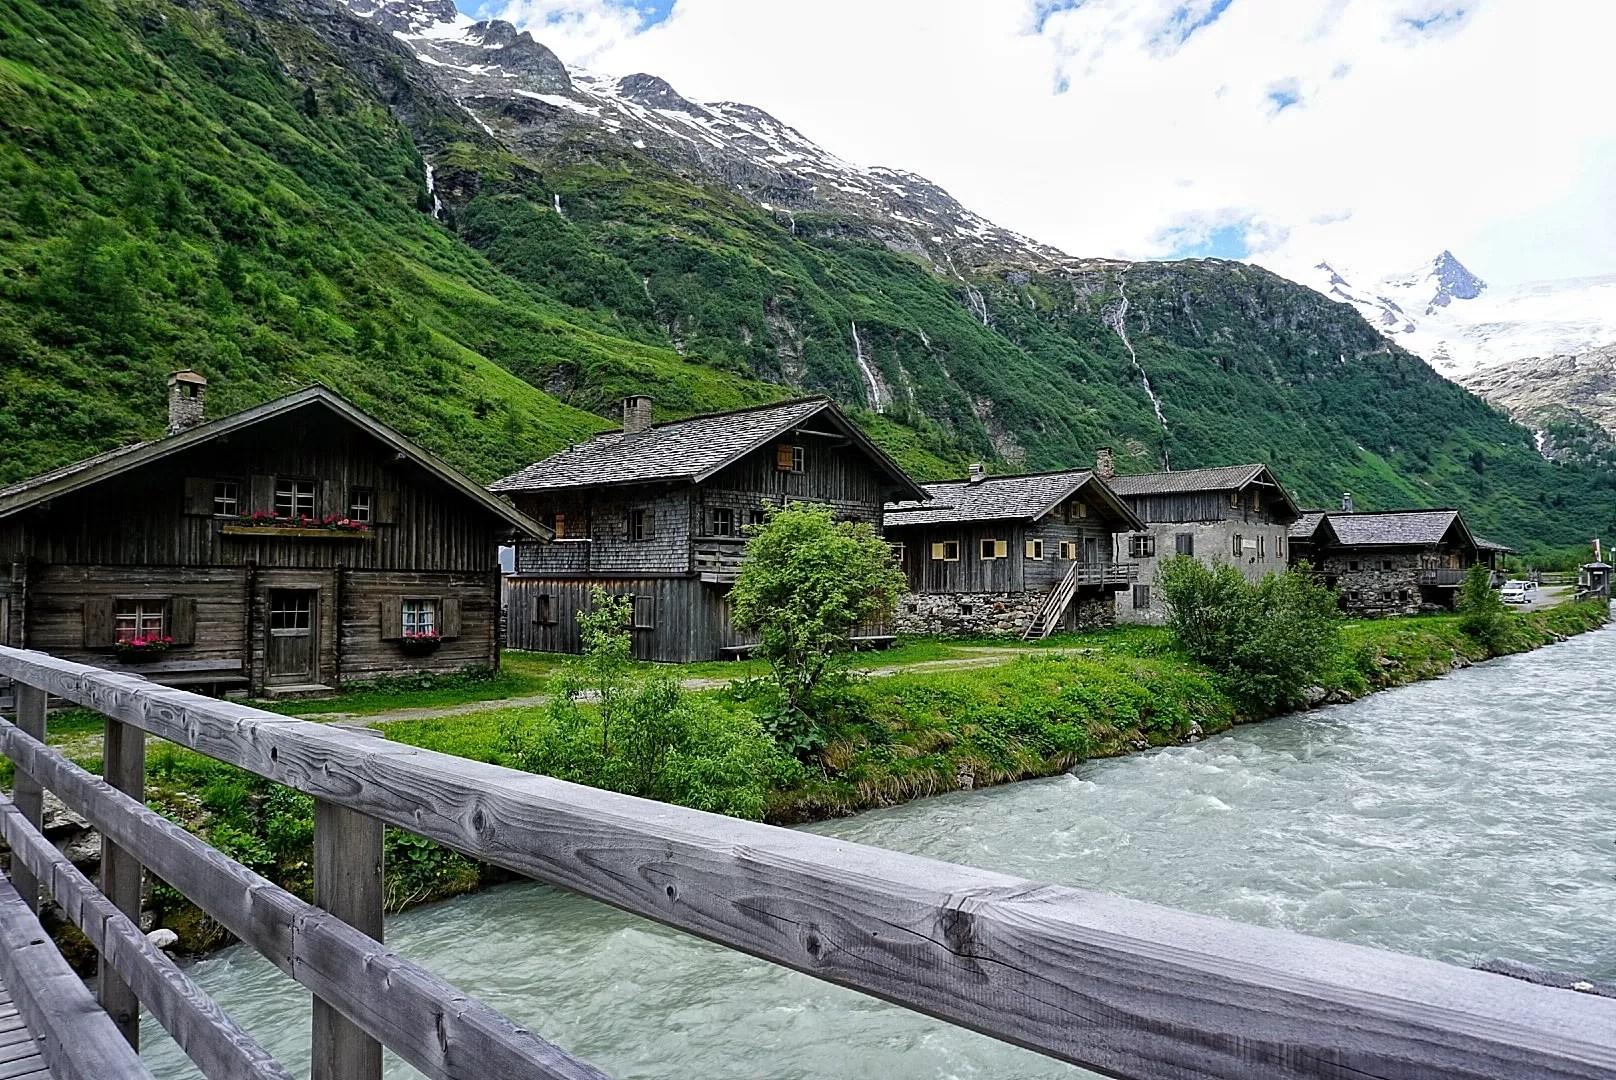 De ideale roadtrip door Oostenrijk? Die ziet er zo uit!